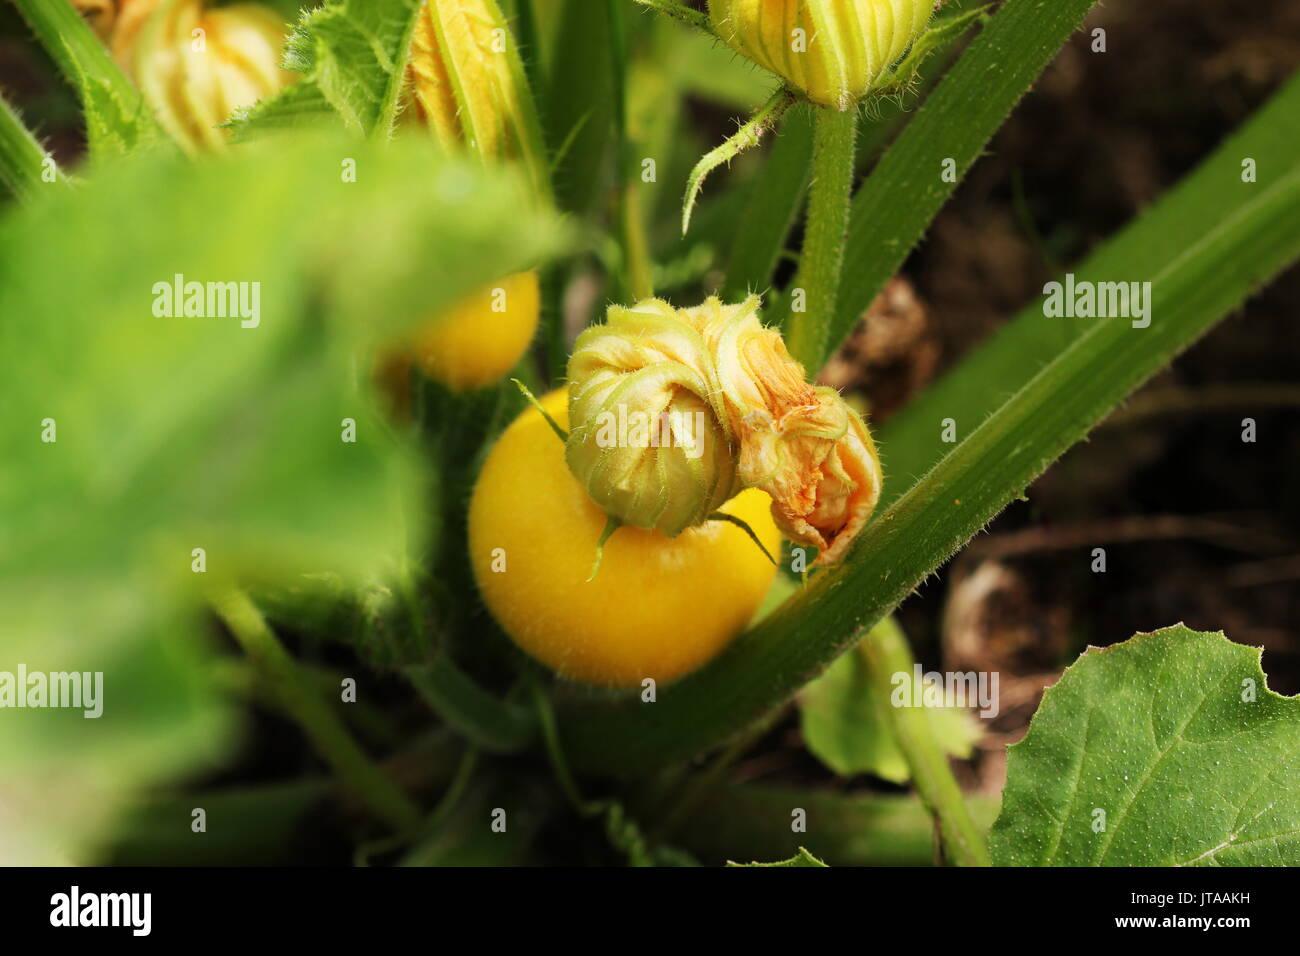 Fiori Gialli Rotondi.Giallo Rotondo Le Zucchine Con Il Verde Delle Foglie E Fiori Di